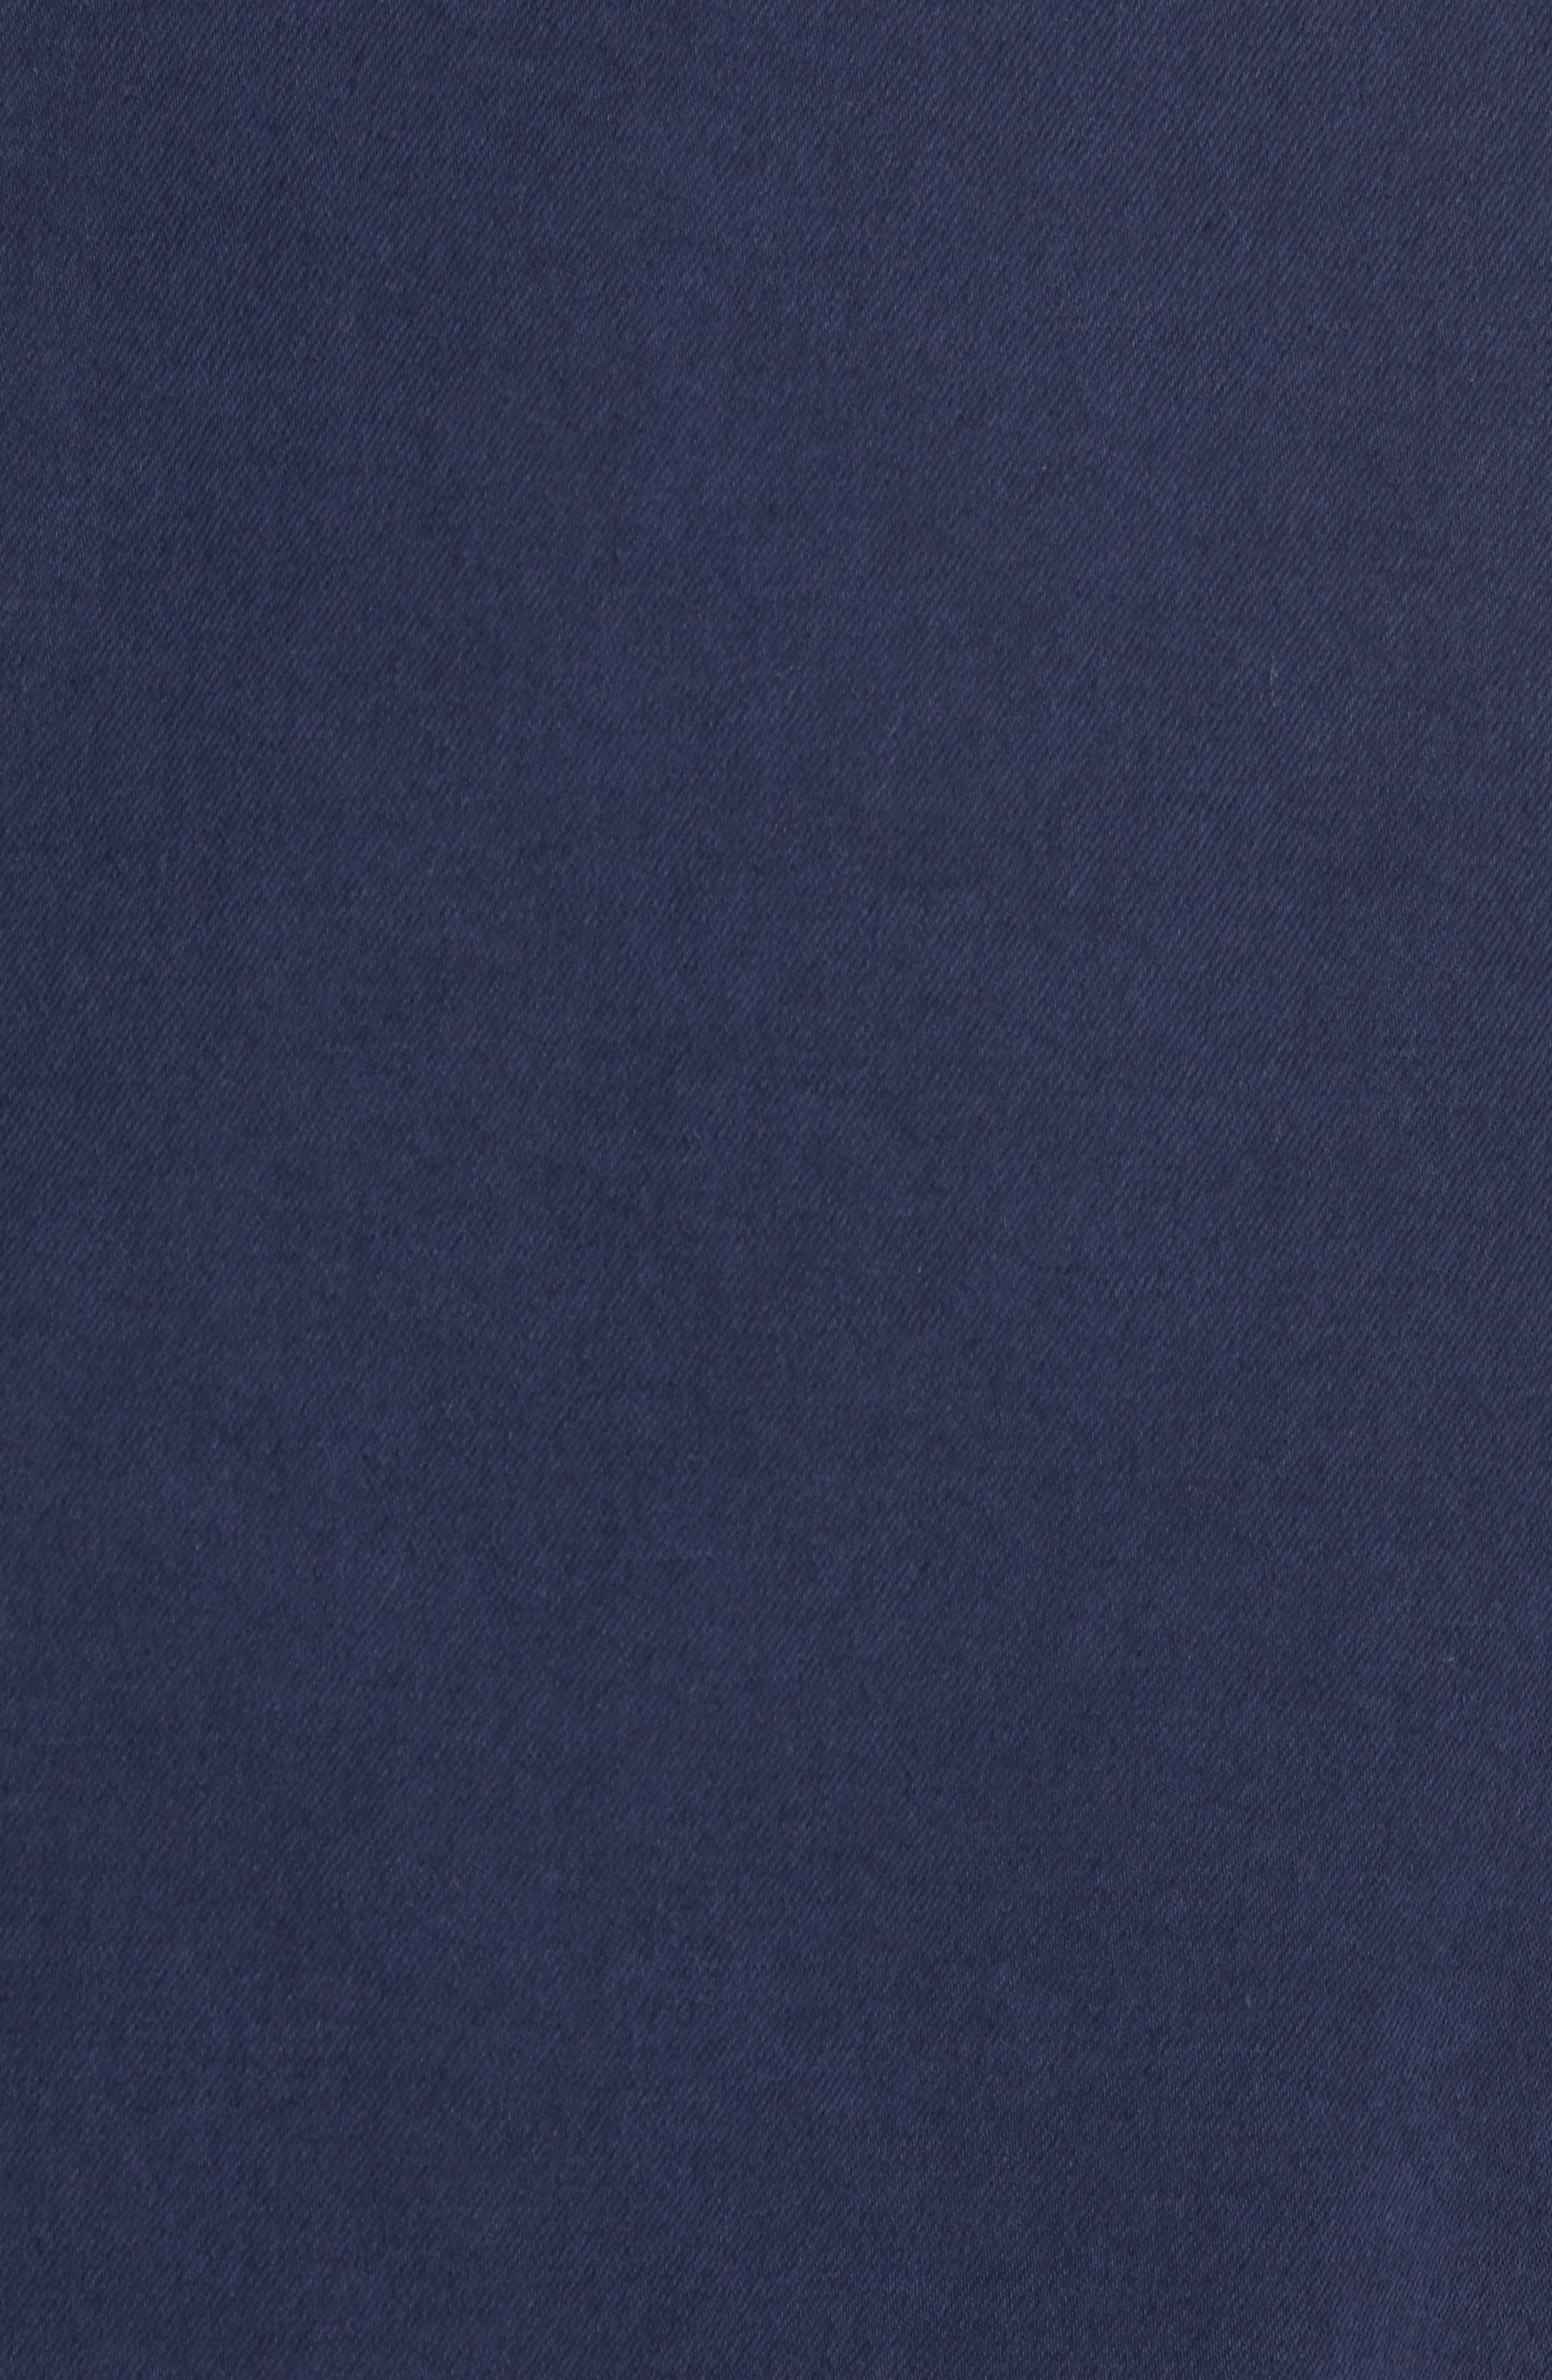 Unstructured Cotton & Linen Blazer,                             Alternate thumbnail 5, color,                             Navy